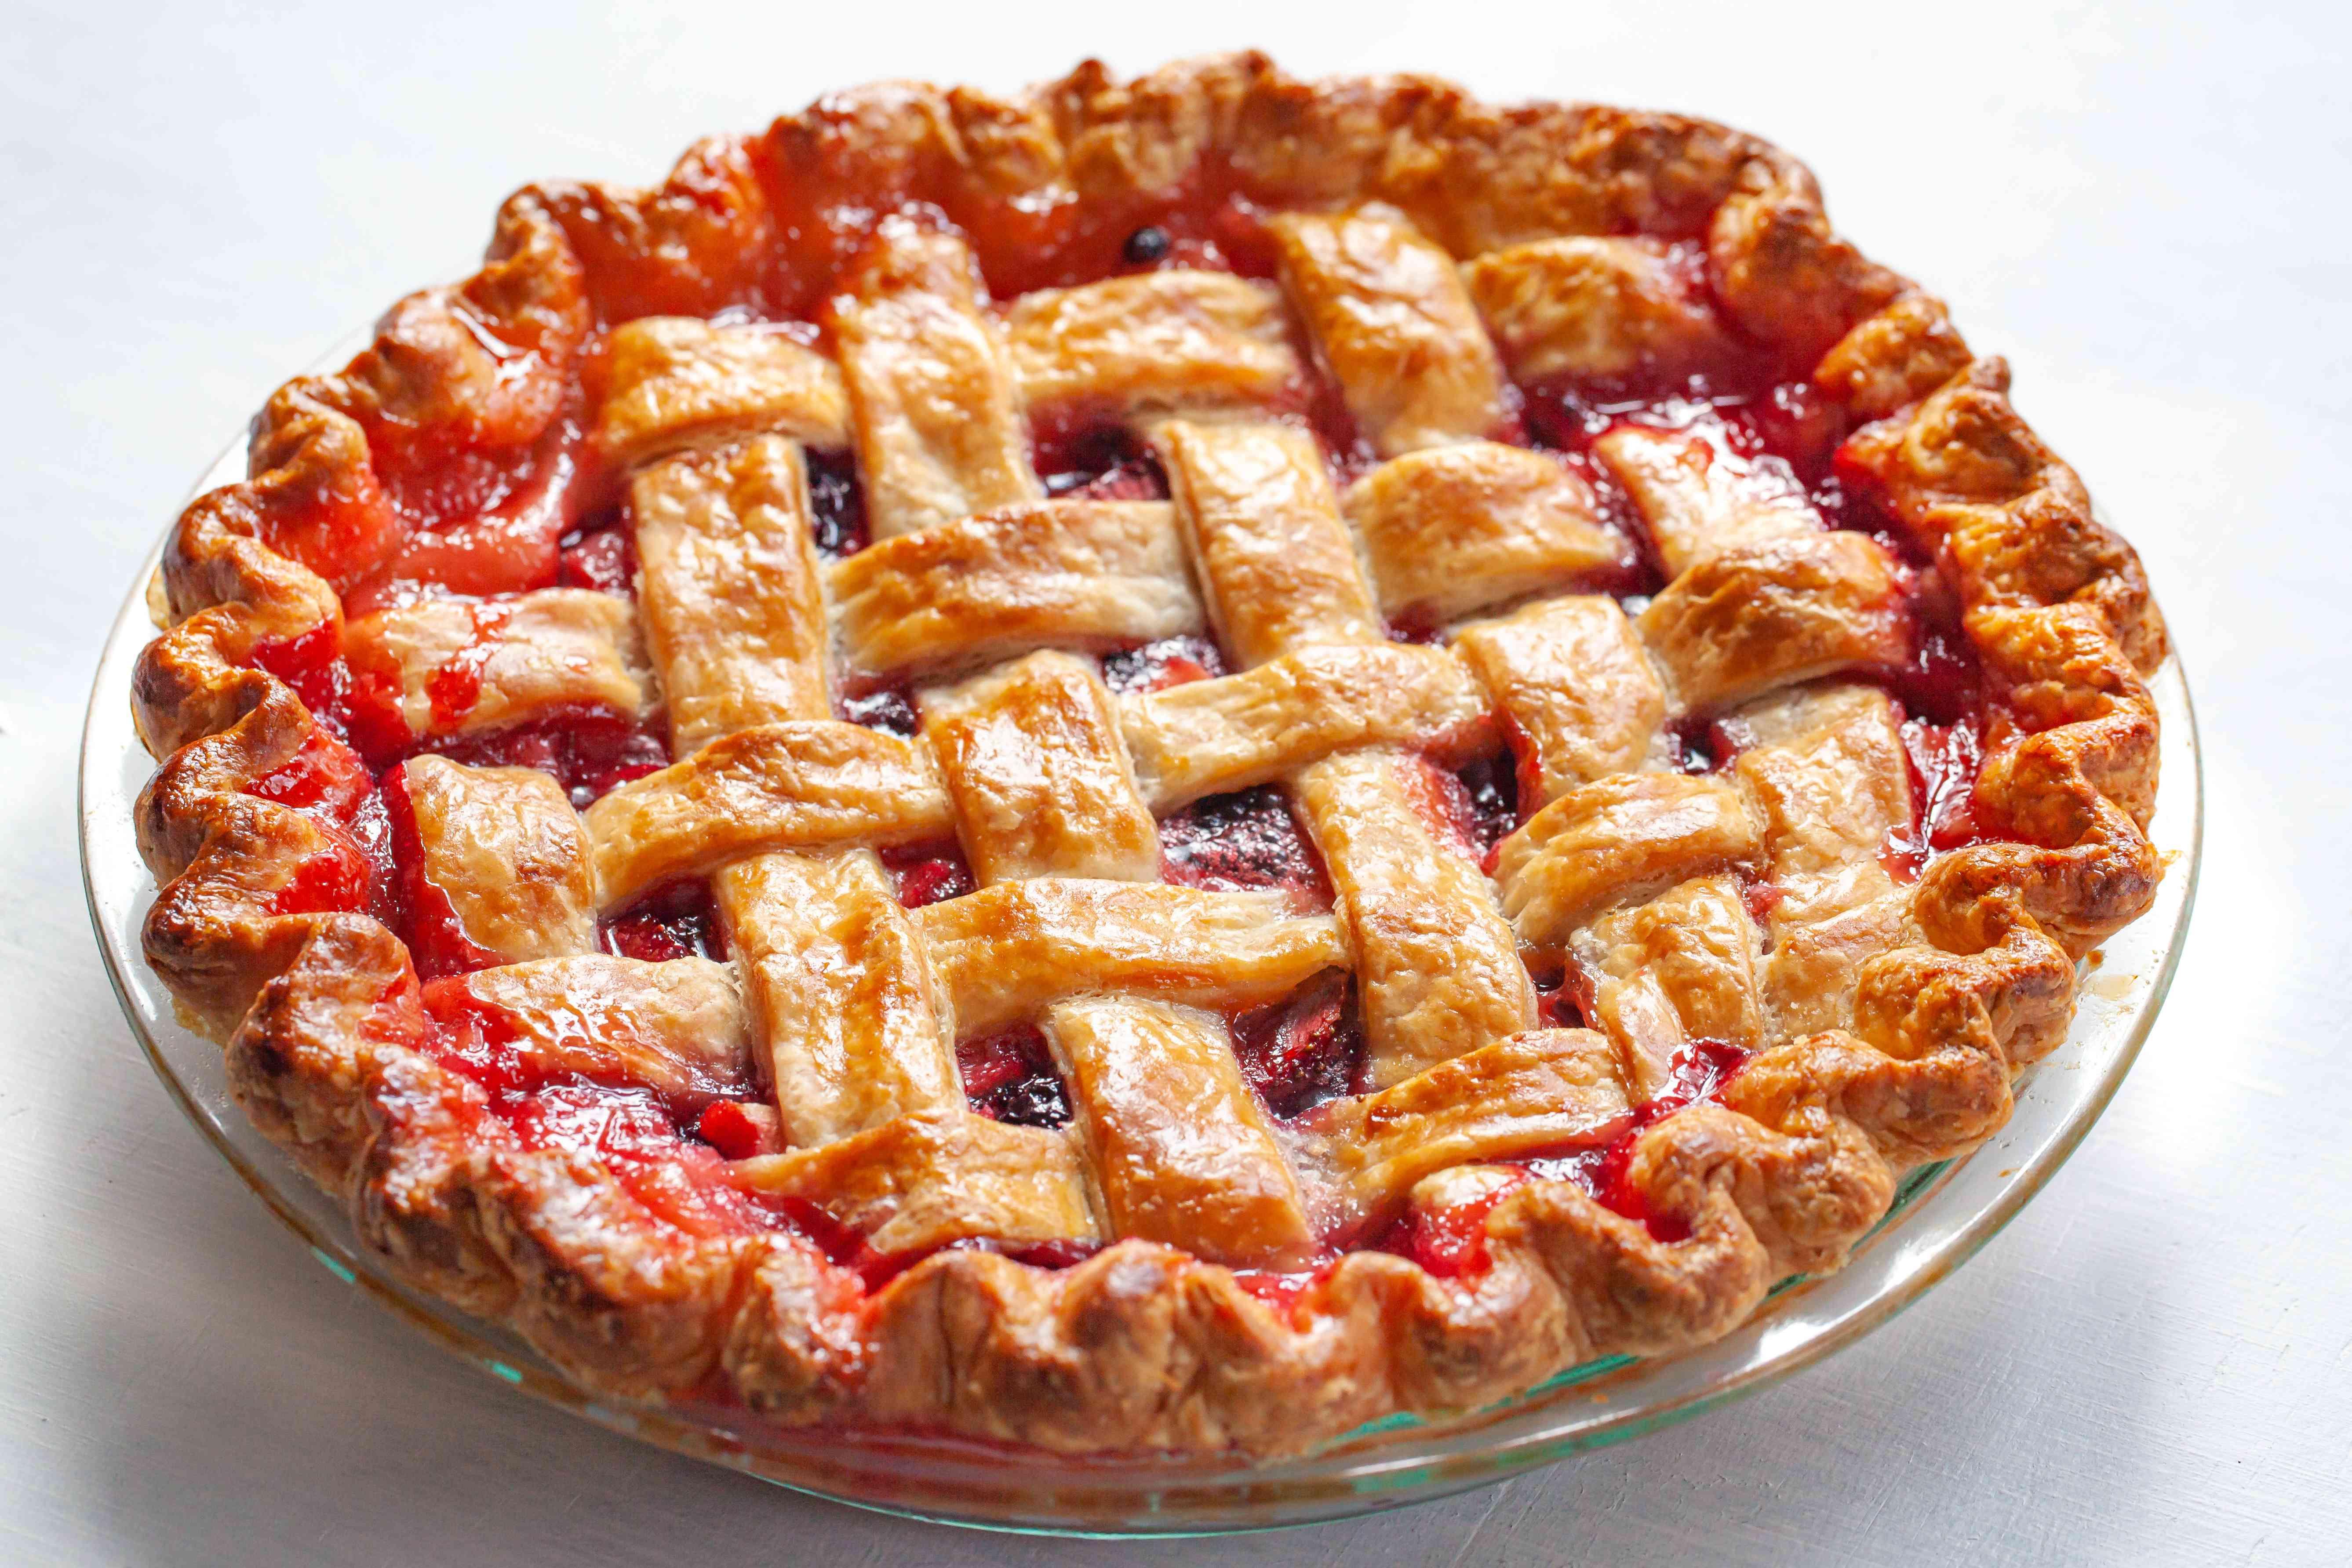 A whole pie with a lattice pie crust.